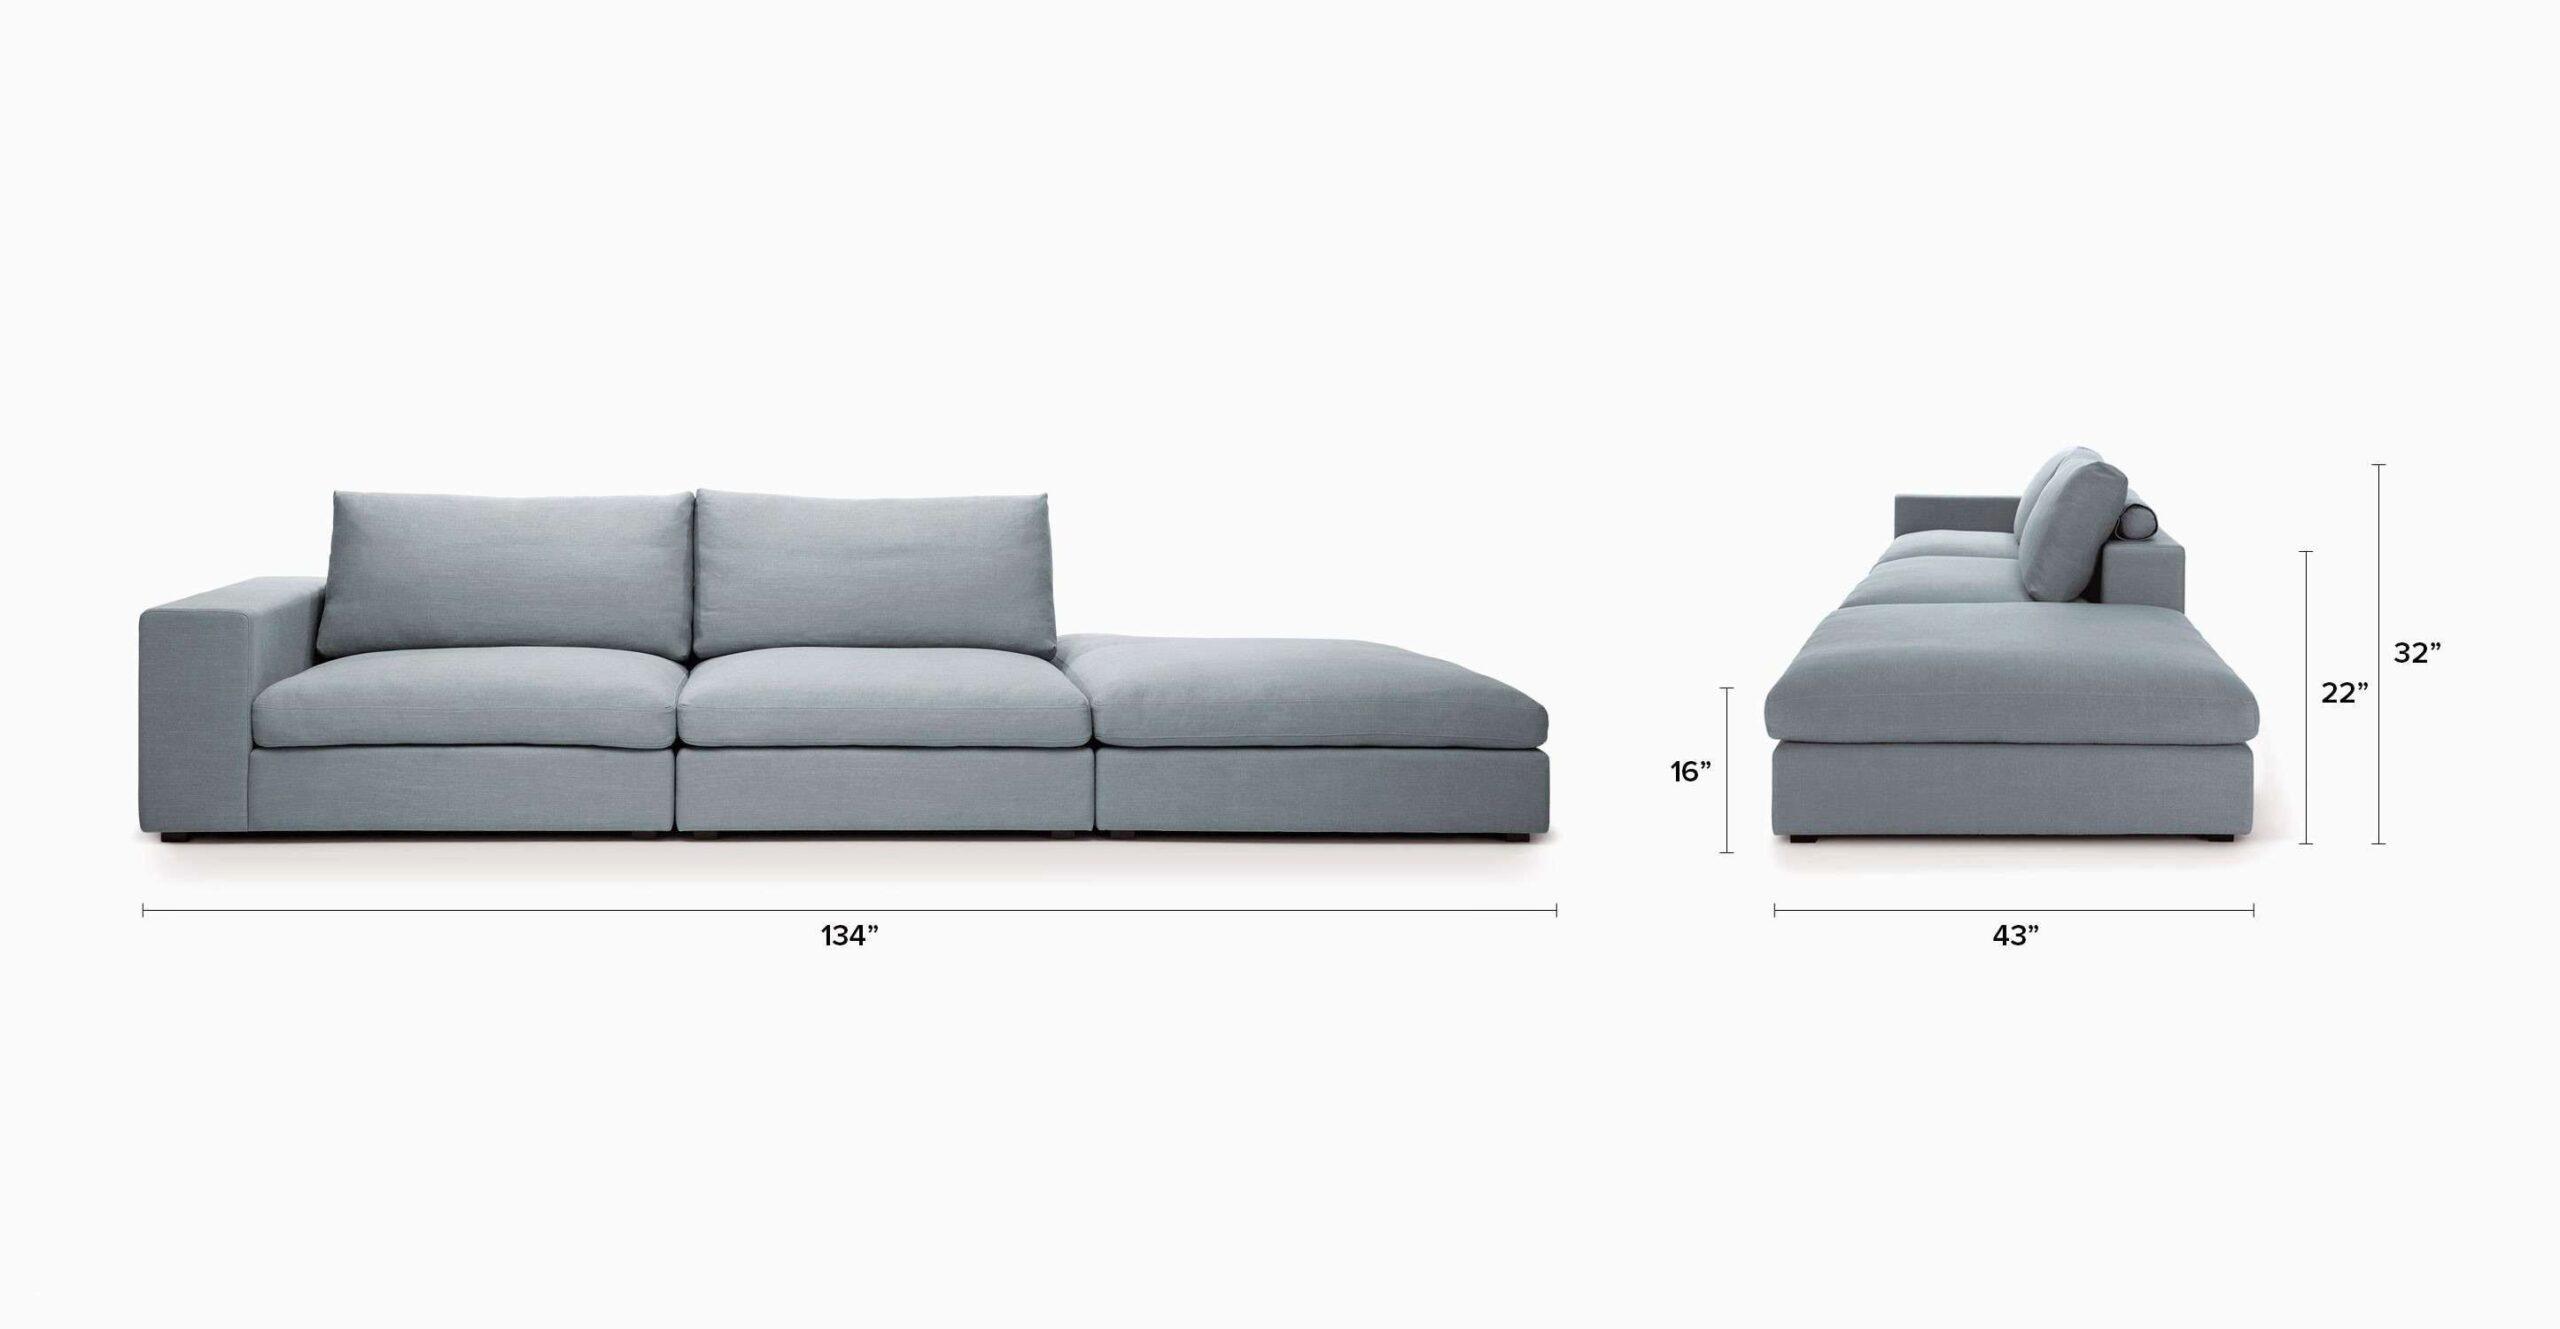 Full Size of Langes Sofa 29 Best Of Extra Mit Chaiselongue Machalke Koinor Hay Mags Schilling Holzfüßen Heimkino Konfigurator Sitzsack Ausziehbar Angebote Leinen Grün Sofa Langes Sofa